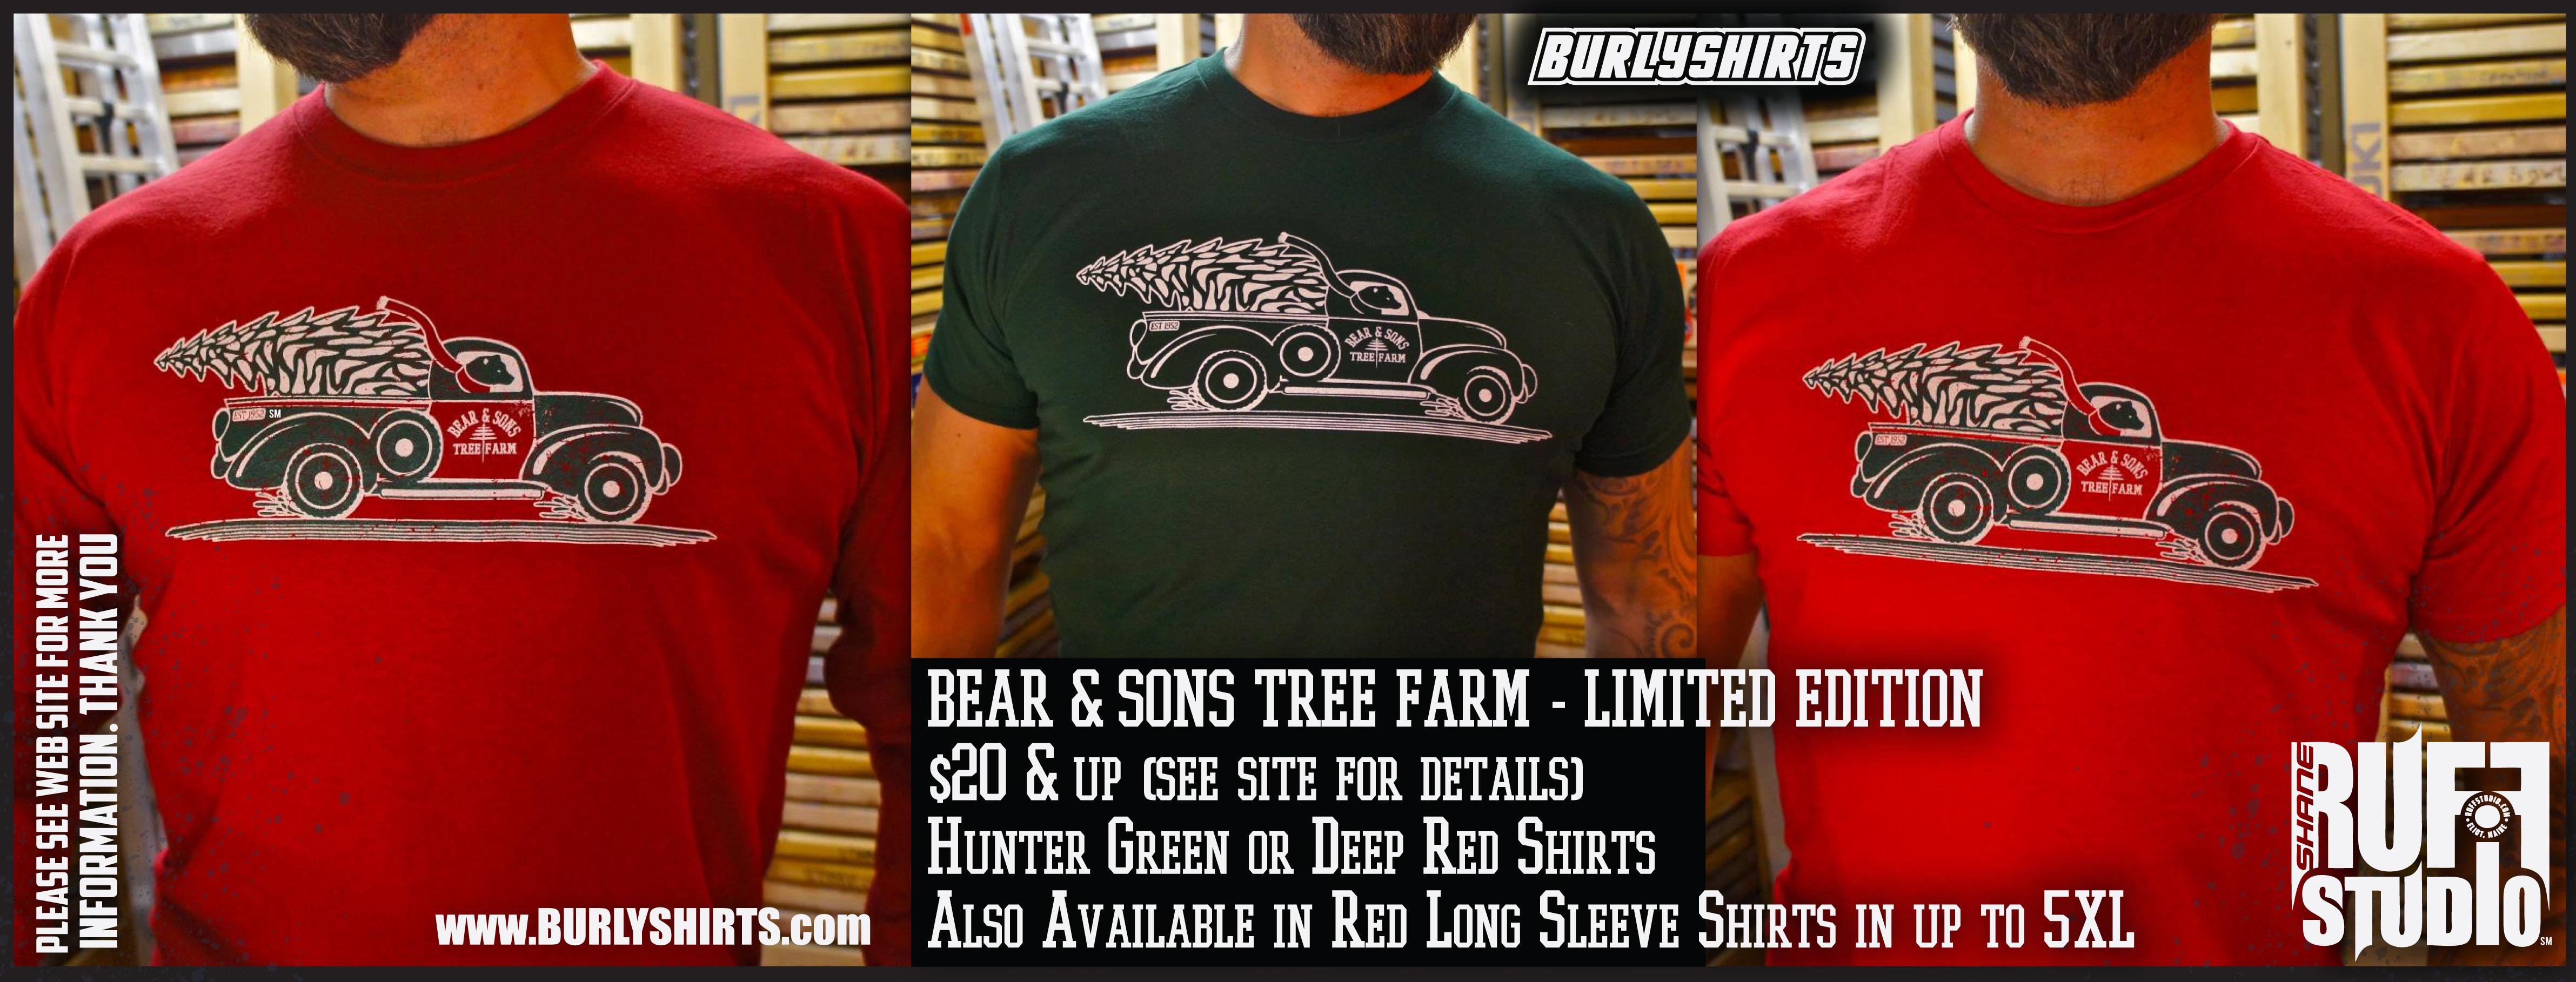 holiday-shirt-2-ad1a.jpg